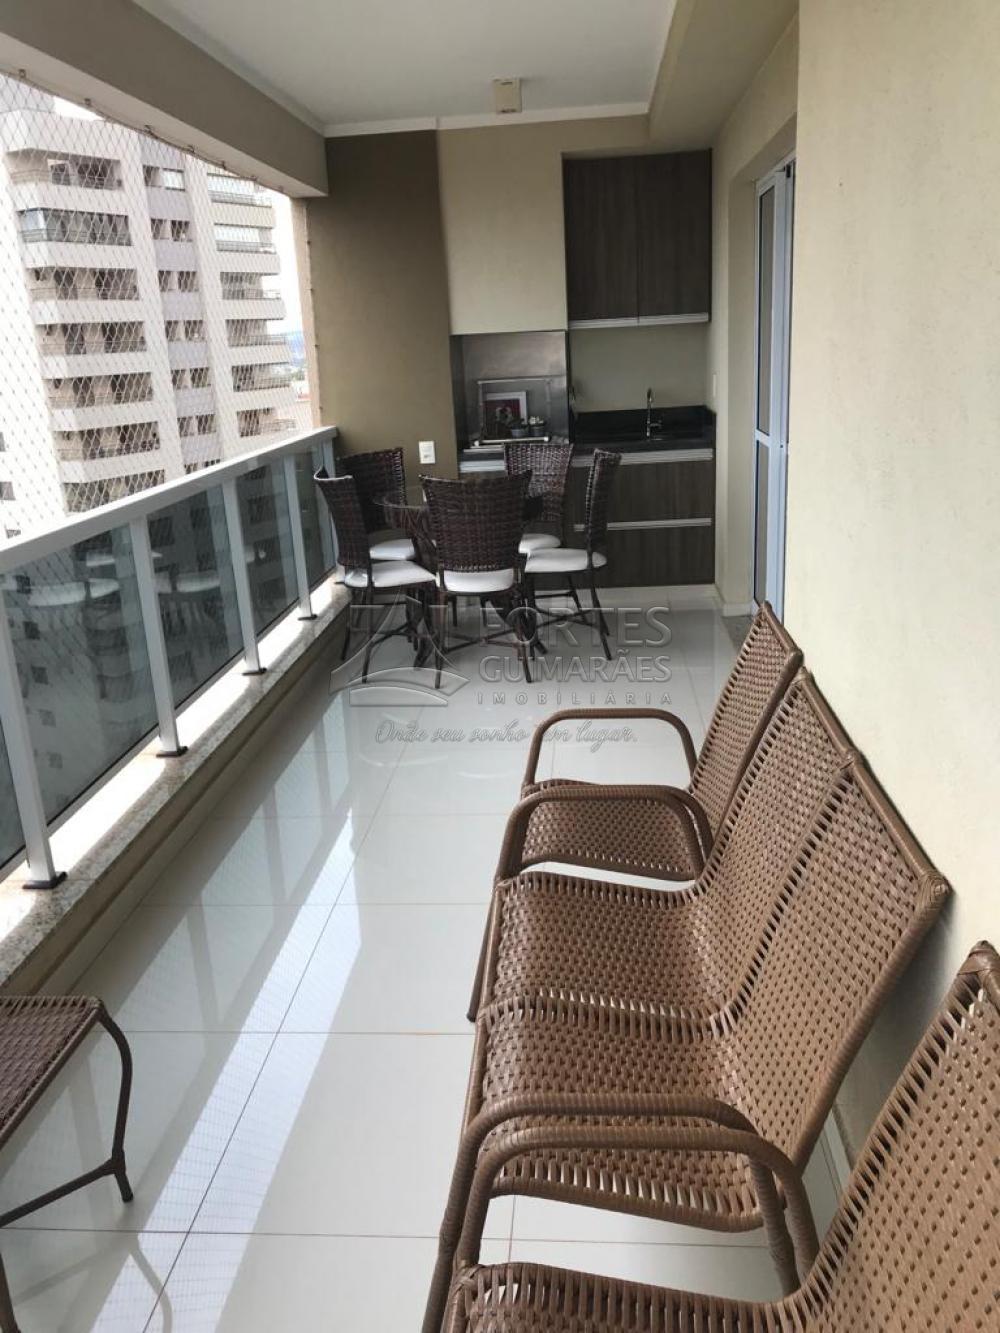 Alugar Apartamentos / Padrão em Ribeirão Preto apenas R$ 3.500,00 - Foto 5